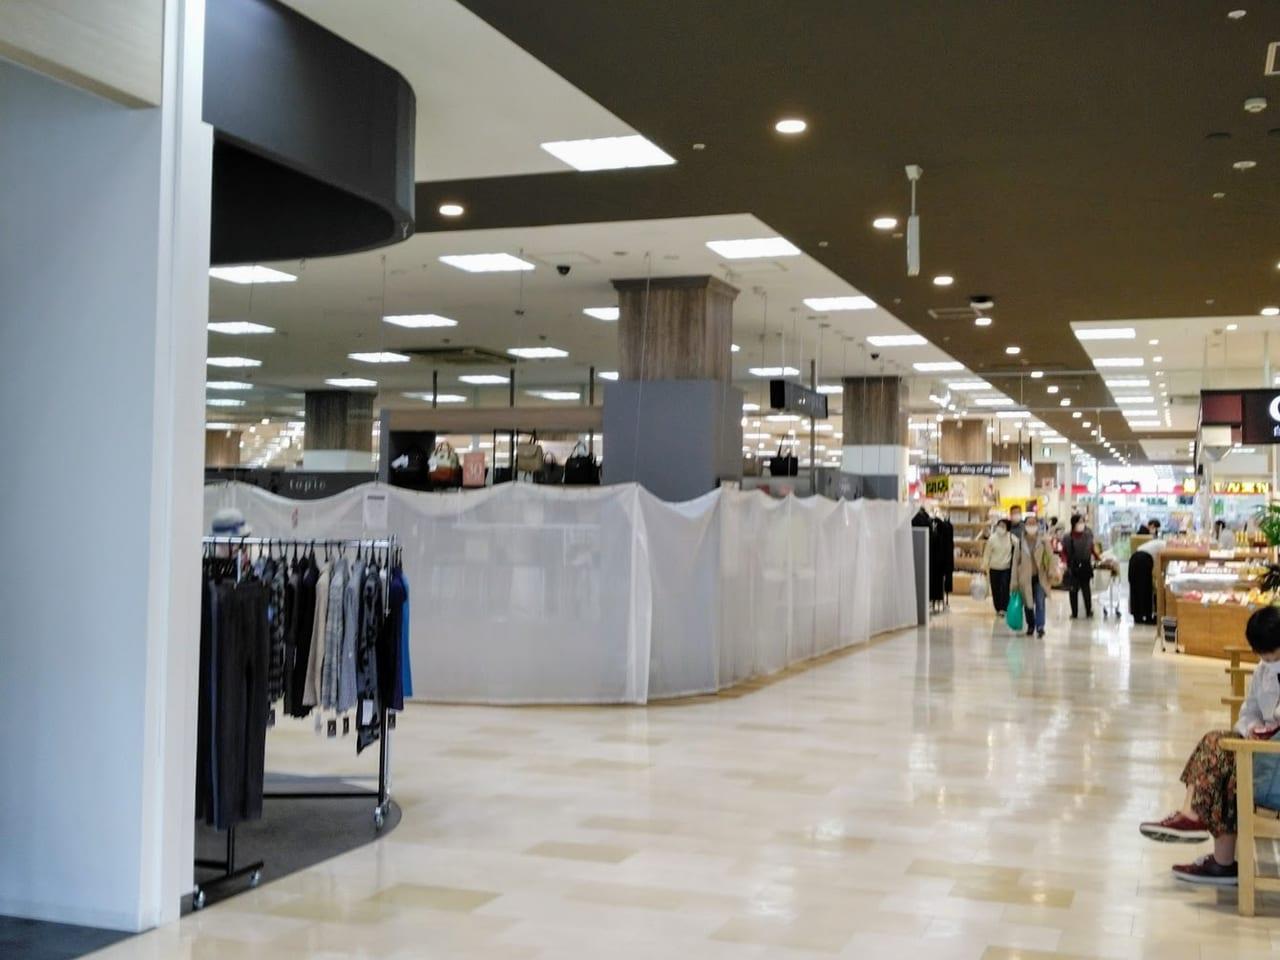 ダイエー宝塚中山店は一部で営業自粛